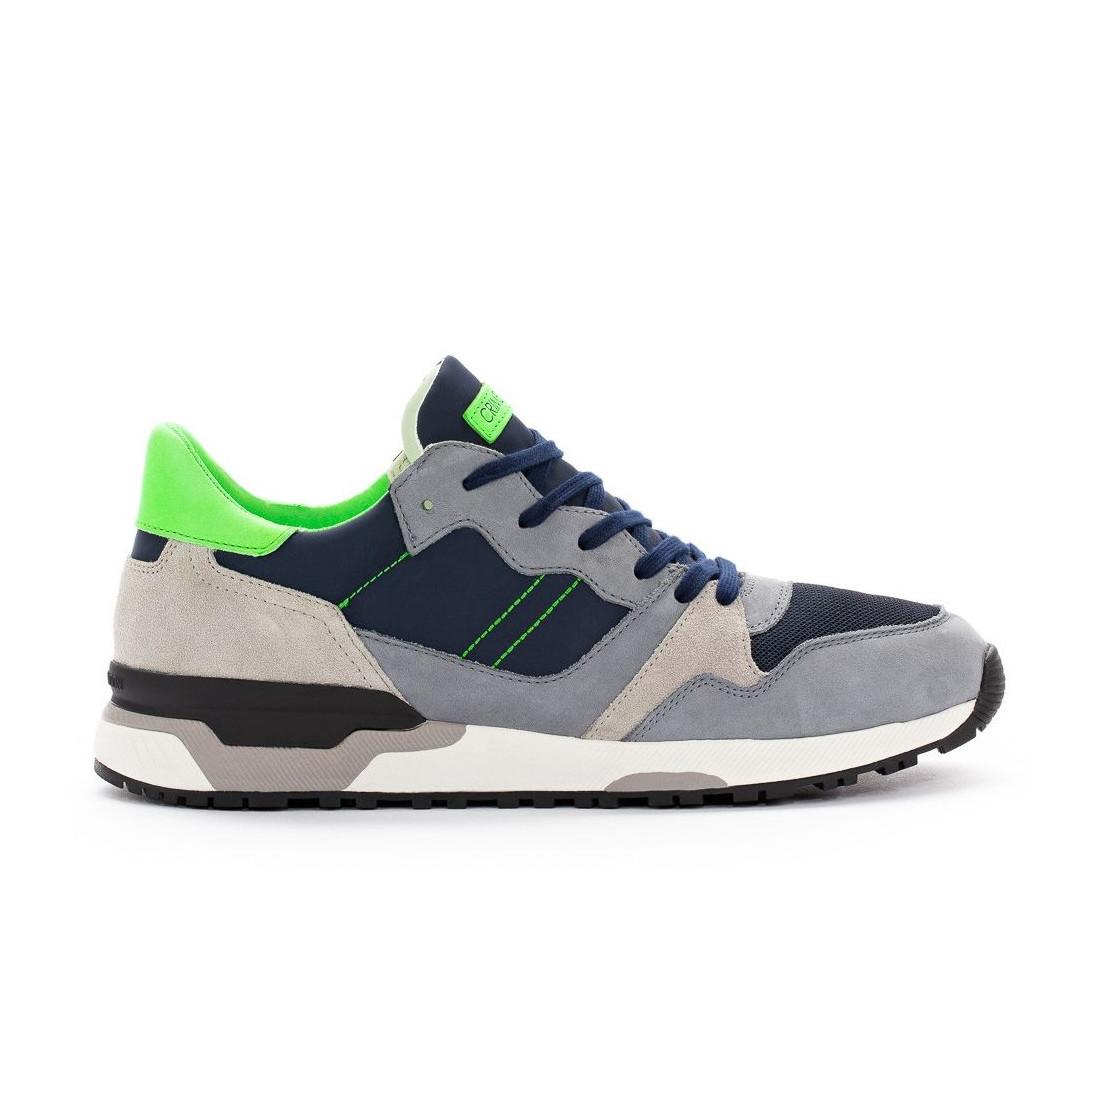 sneakers herren crime london 1140840 4559